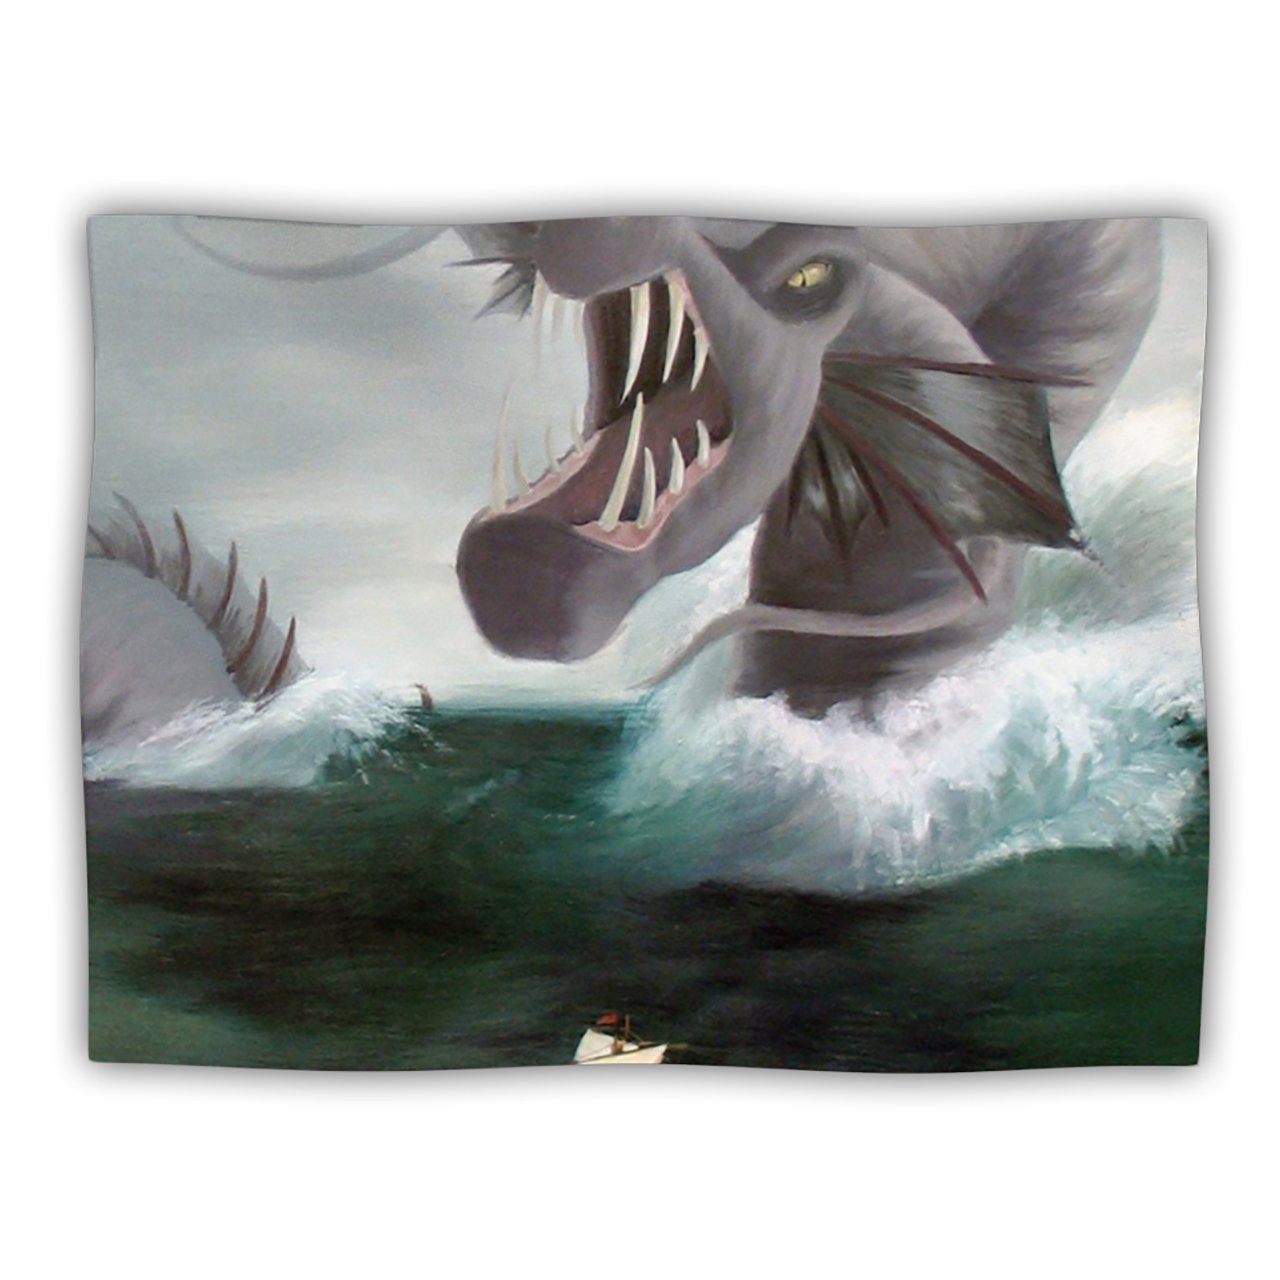 Kess InHouse Sophy Tuttle Vessel  Green bluee Pet Dog Blanket, 40 by 30-Inch